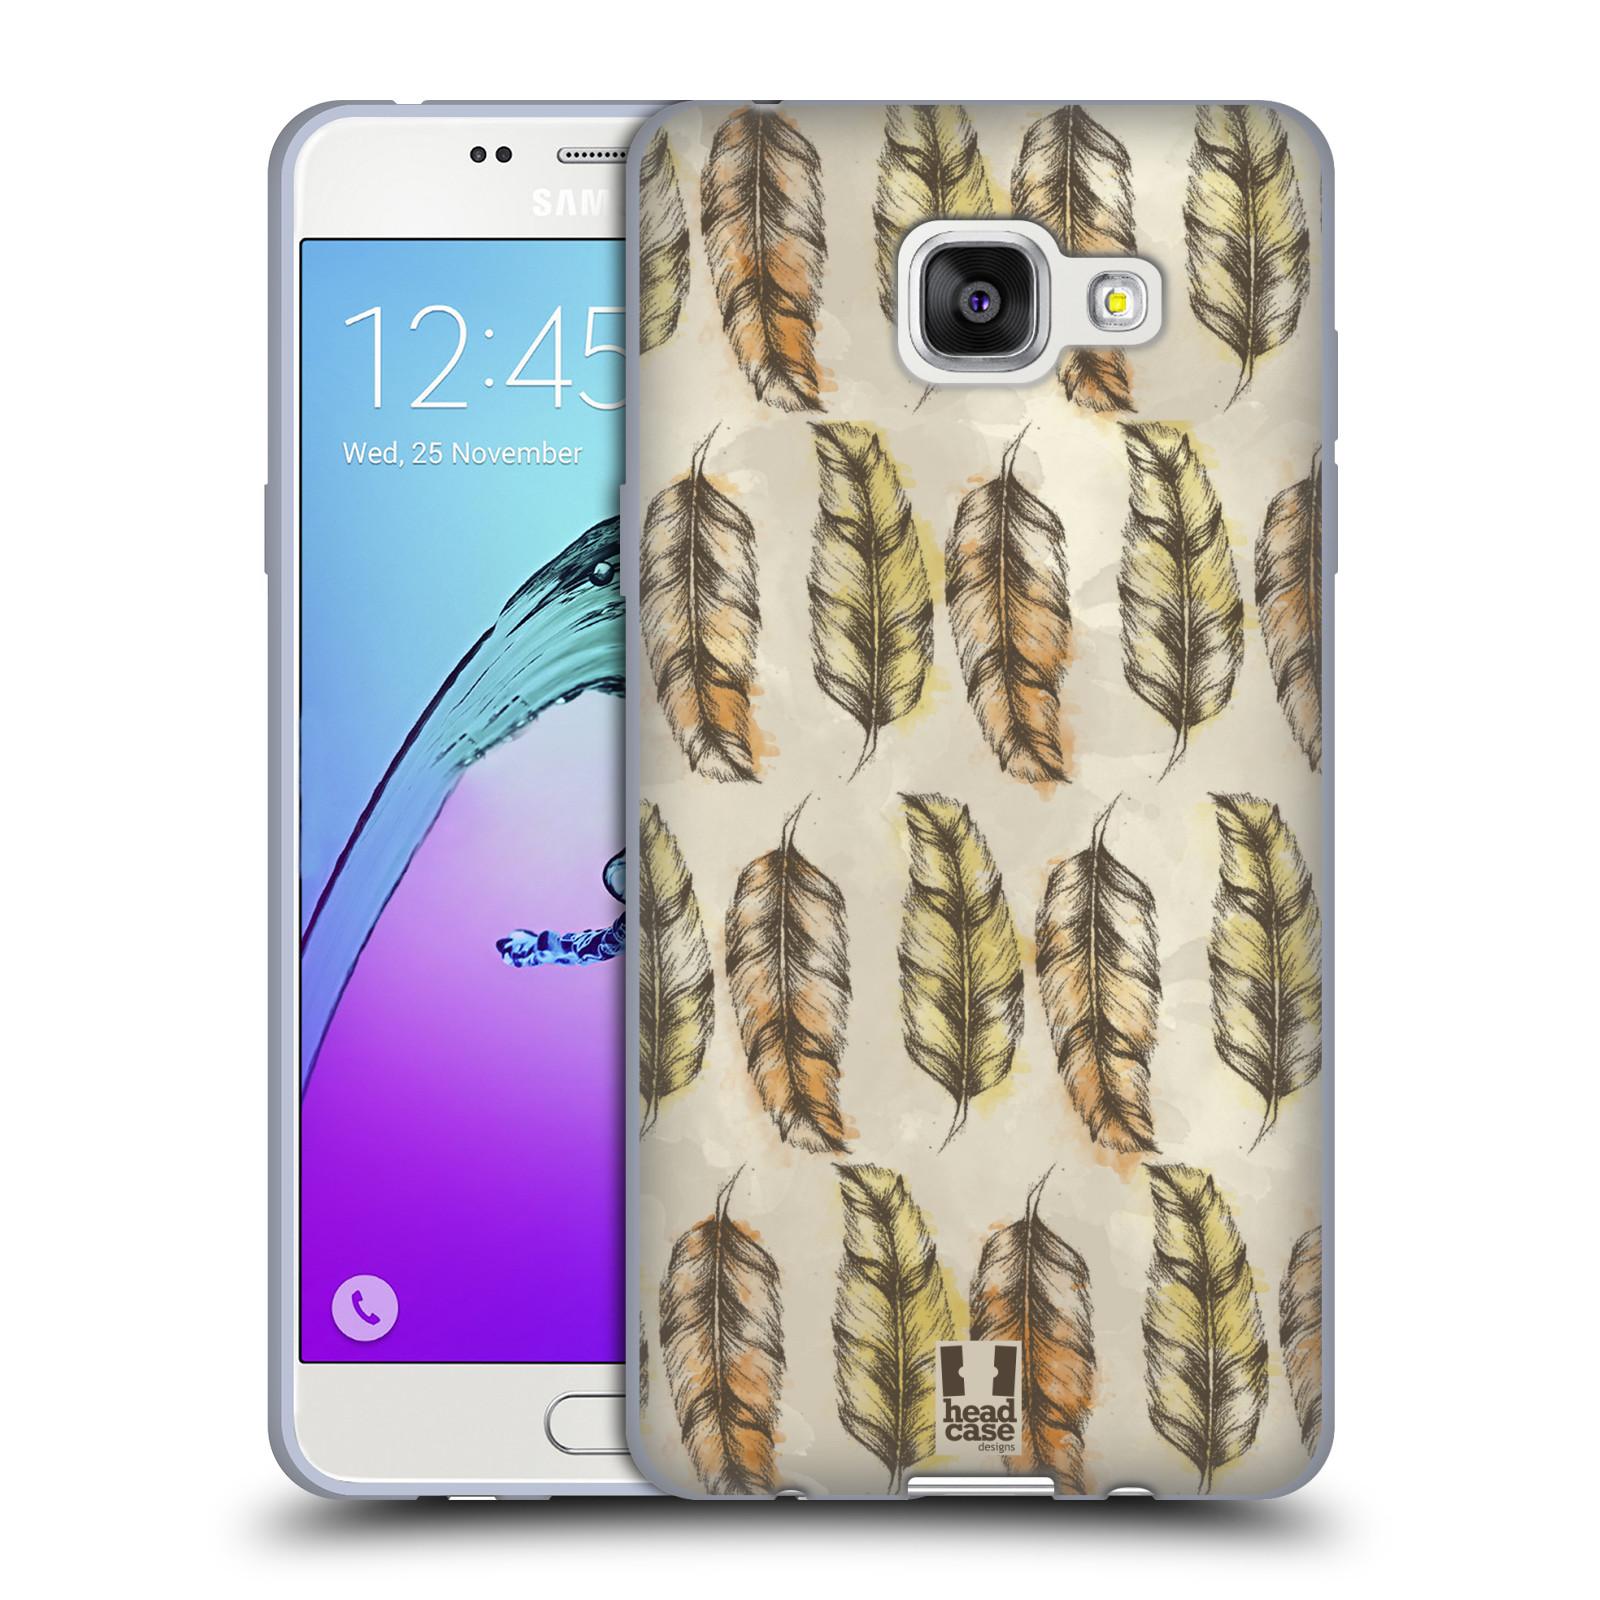 Silikonové pouzdro na mobil Samsung Galaxy A5 (2016) - Head Case - Bohémská pírka (Silikonový kryt či obal na mobilní telefon s motivem Bohemian Soul pro Samsung Galaxy A5 (2016) SM-A510F)